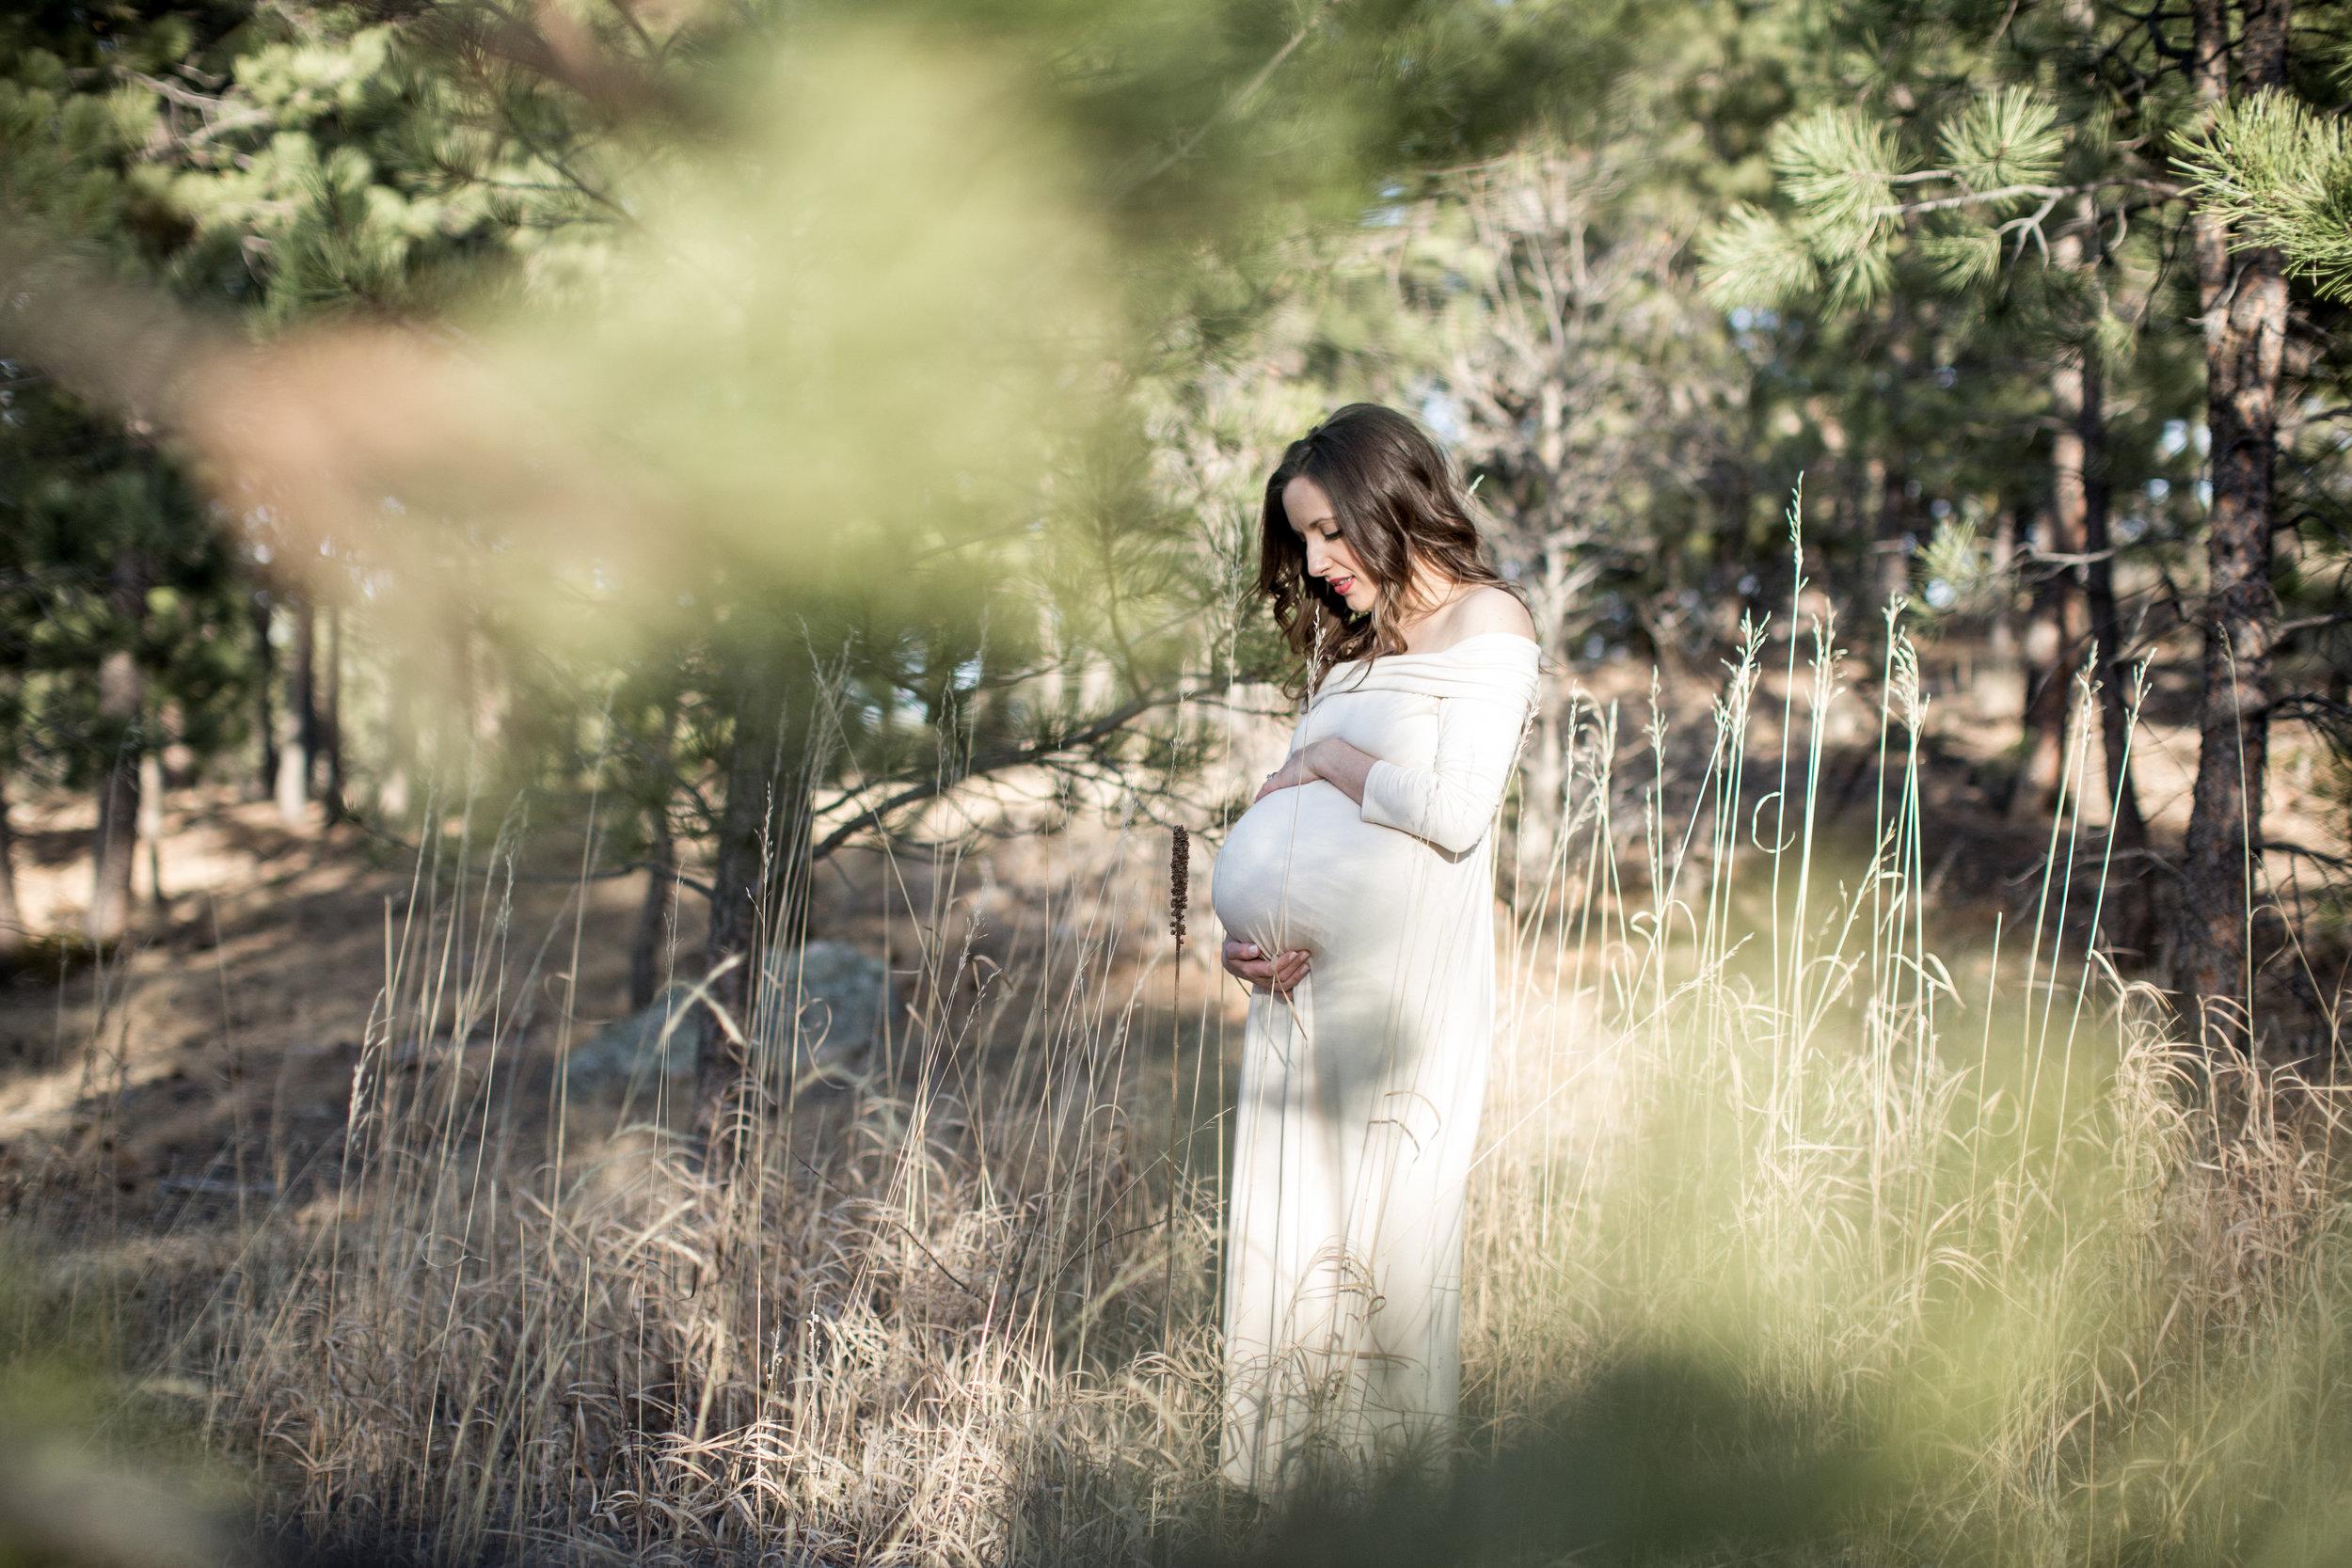 colorado-springs-materntiy-photographer-15.jpg